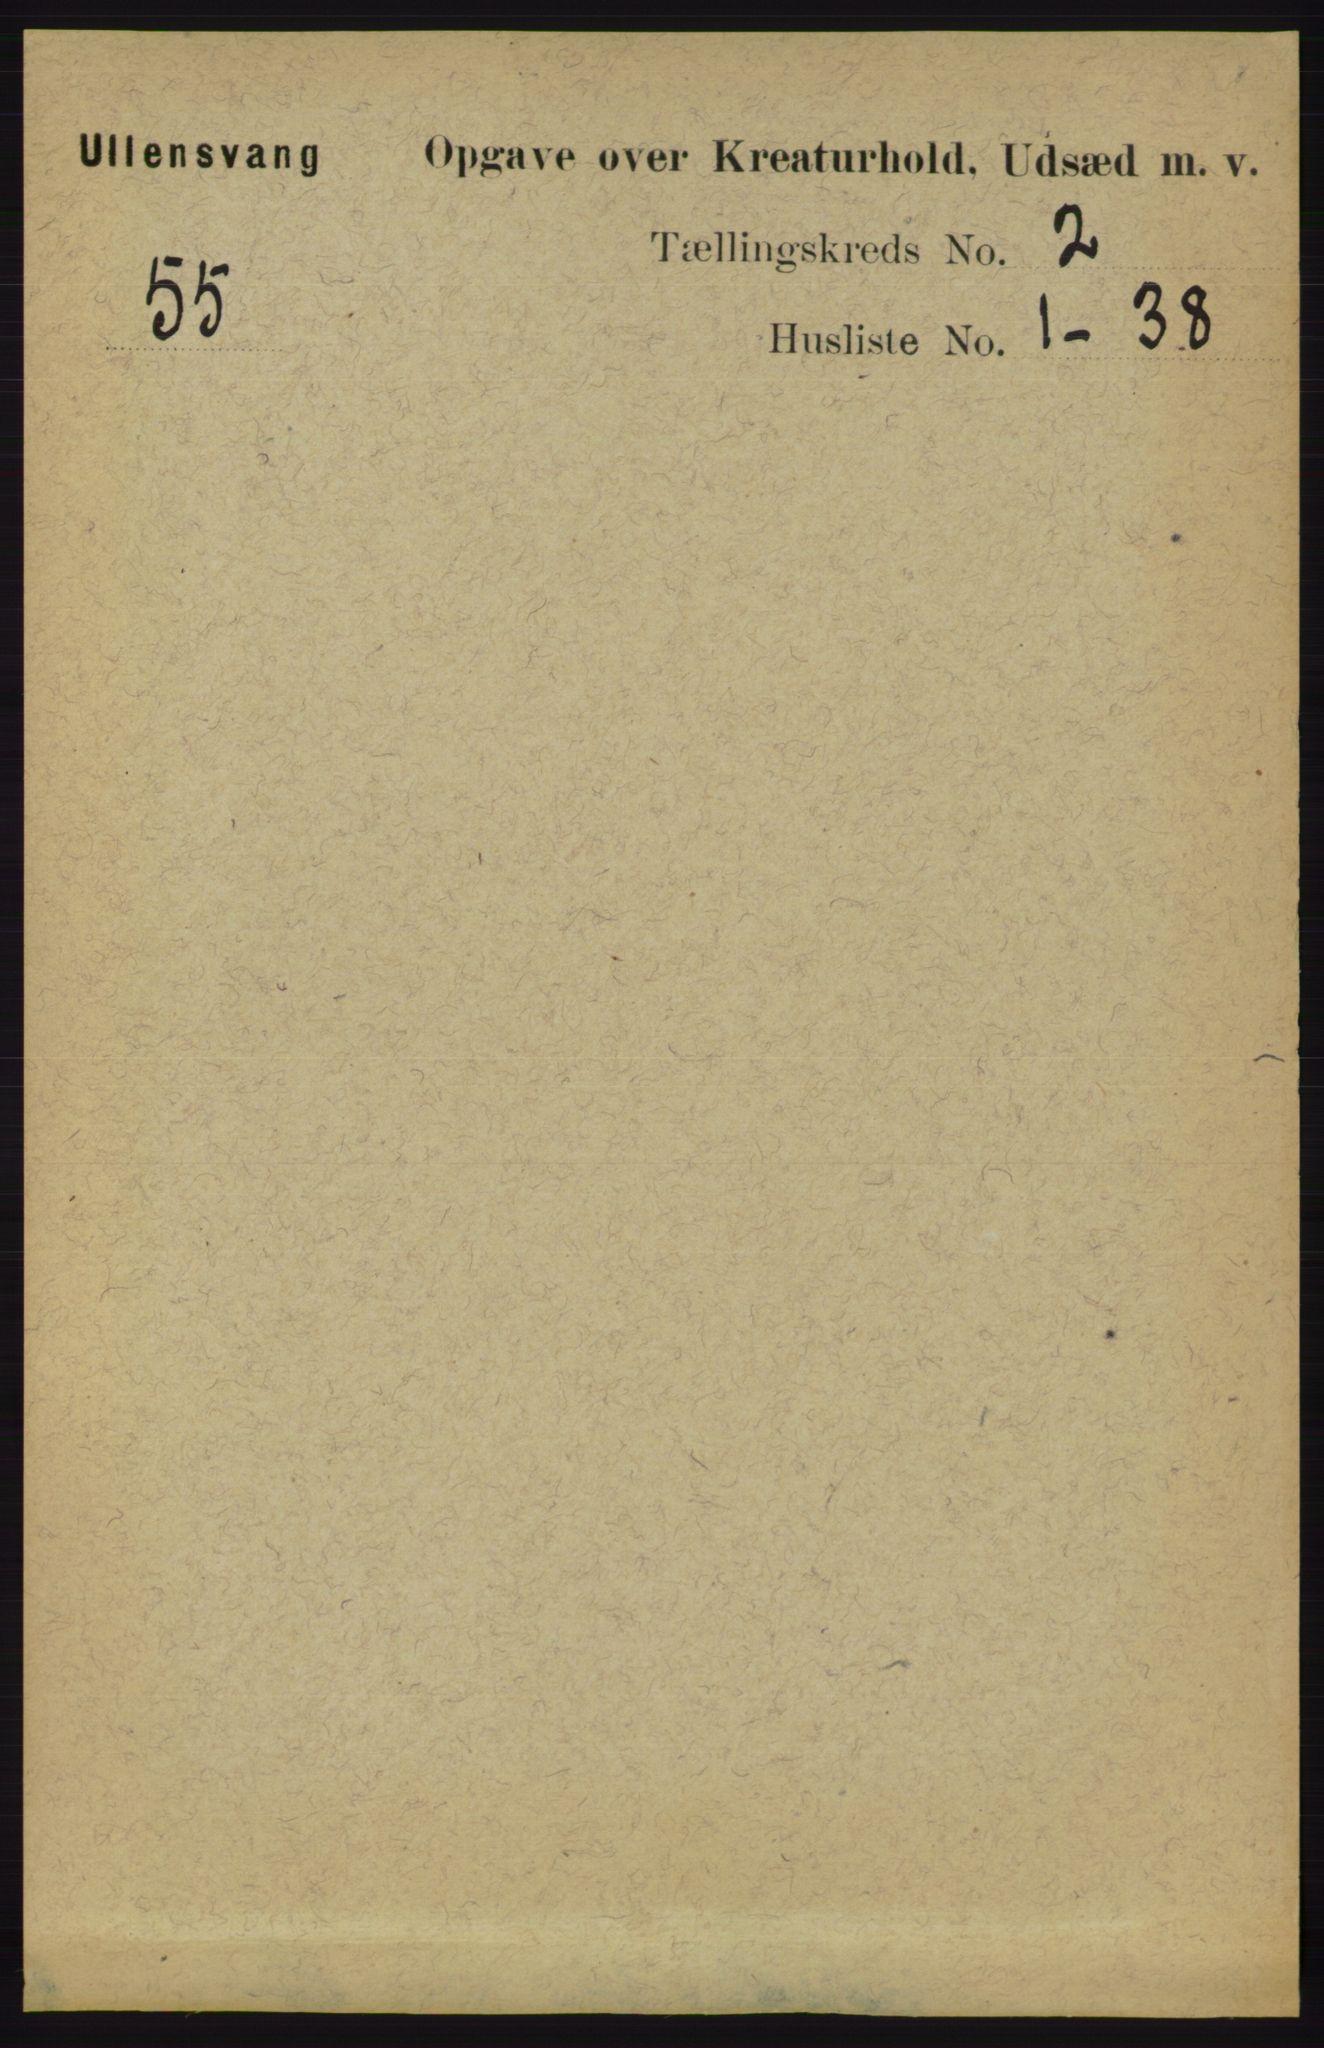 RA, Folketelling 1891 for 1230 Ullensvang herred, 1891, s. 6733